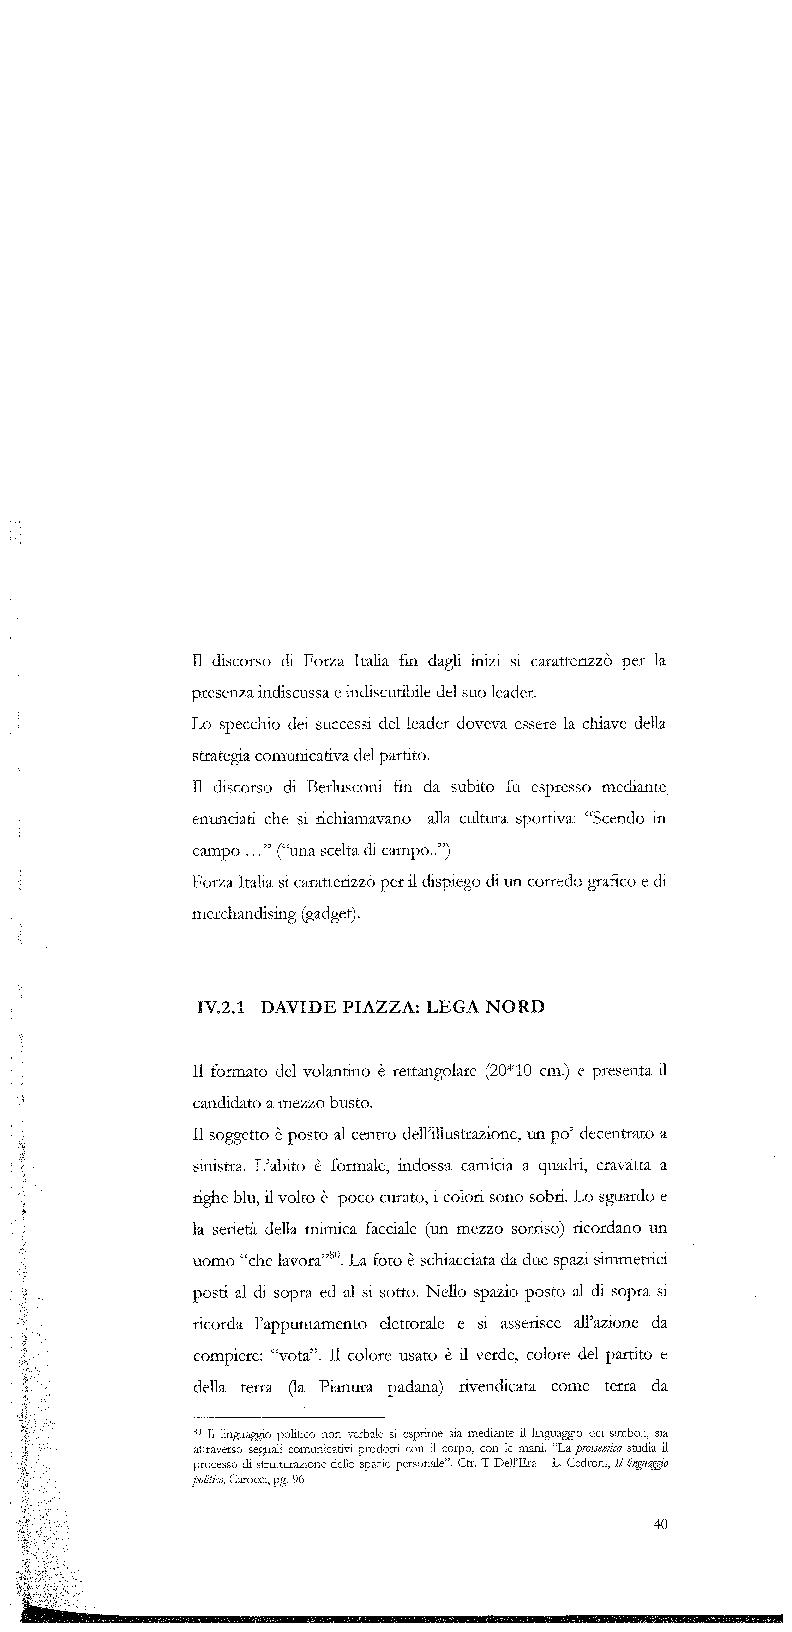 Anteprima della tesi: Strategie di persuasione elettorale durante le regionali 2005 in Veneto, Pagina 10